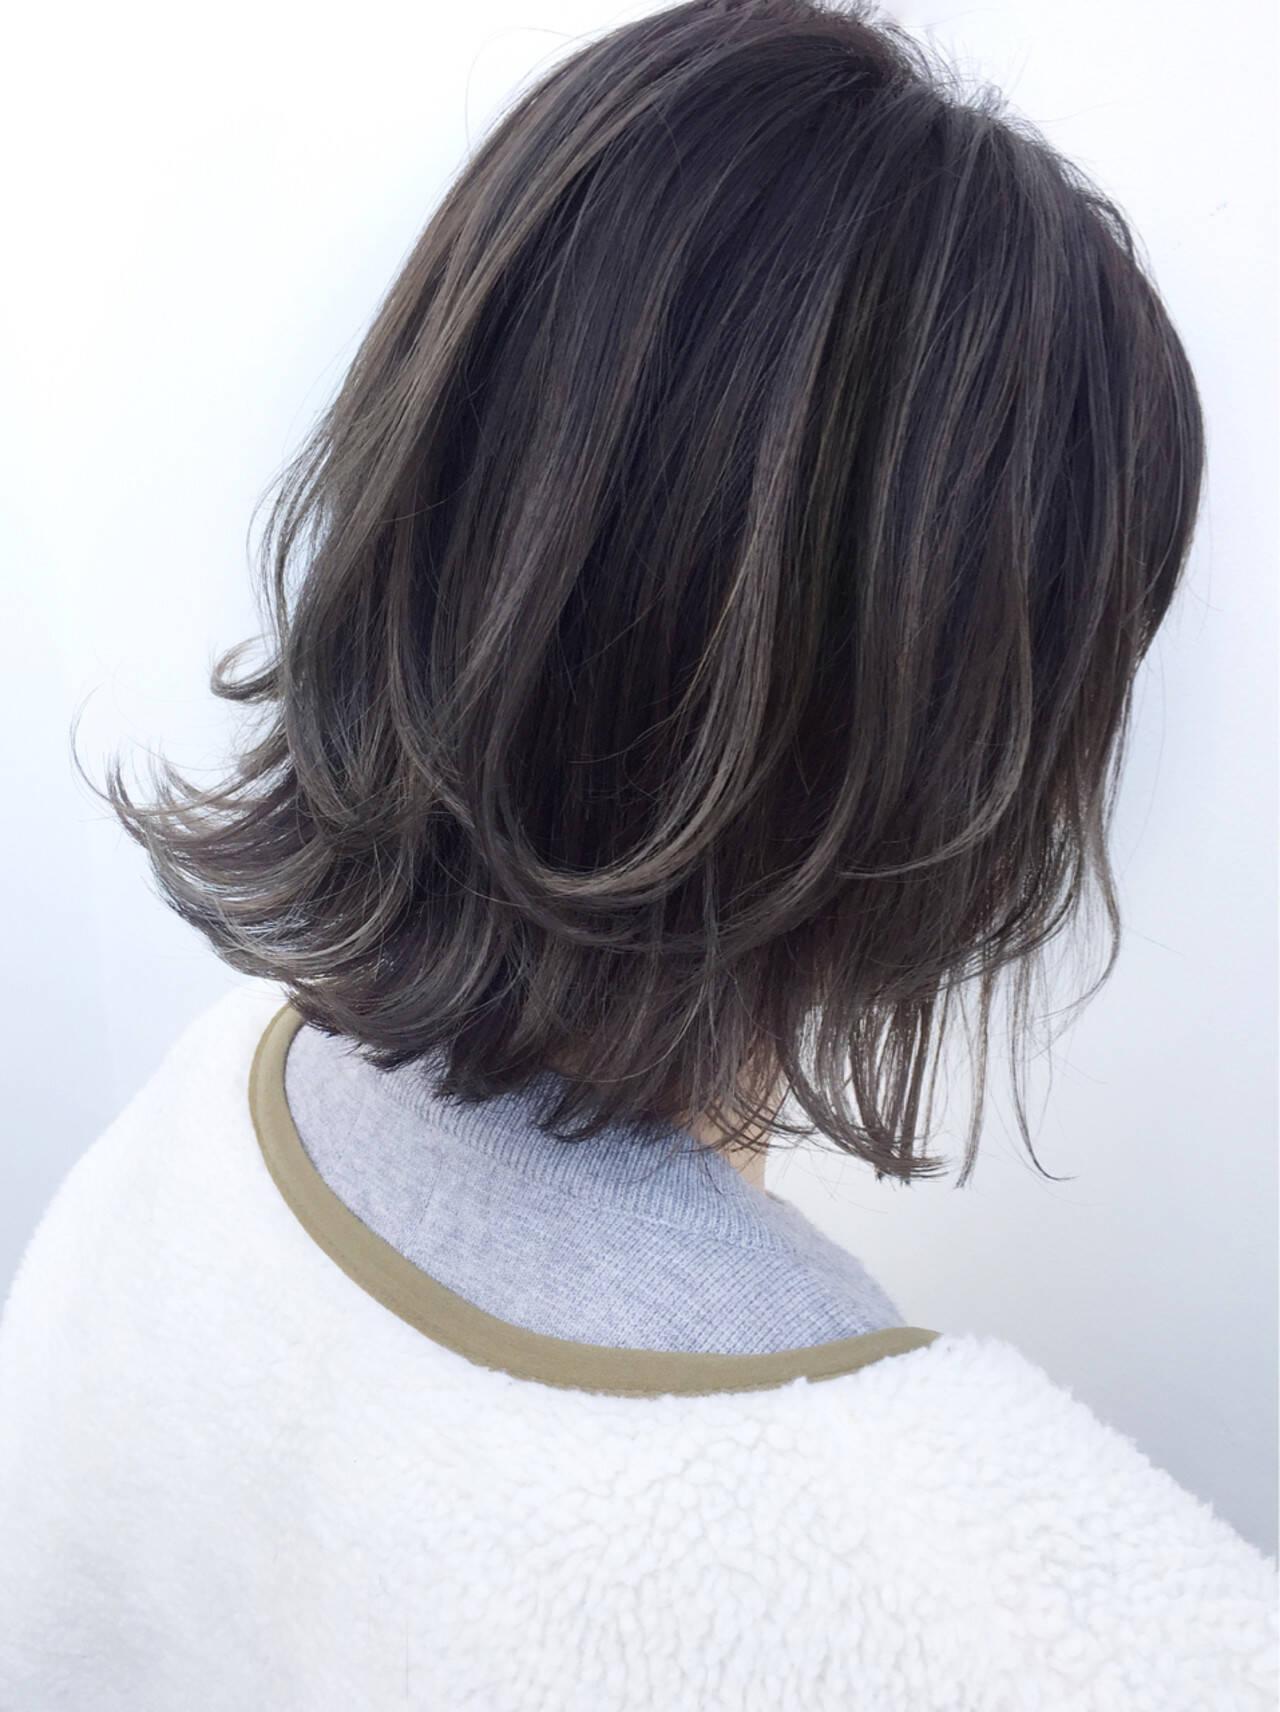 ボブ 外国人風 似合わせ ハイライトヘアスタイルや髪型の写真・画像